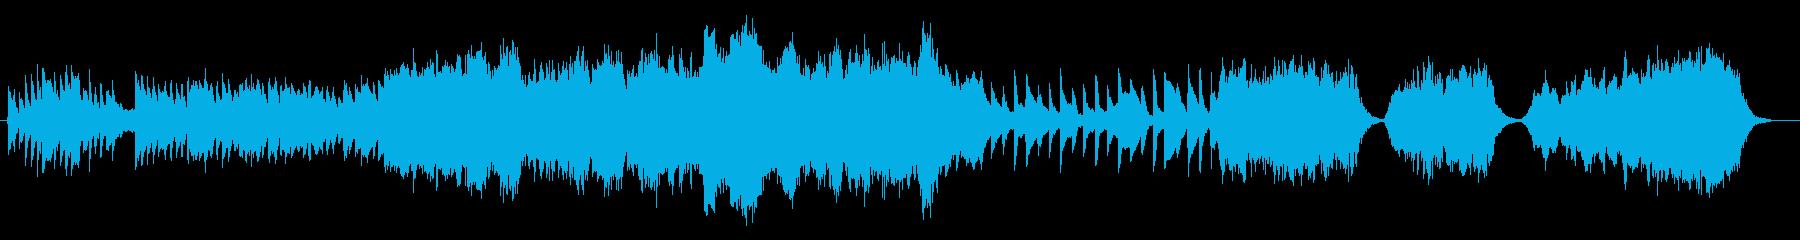 クラシック交響曲 劇的な 神経質 ...の再生済みの波形